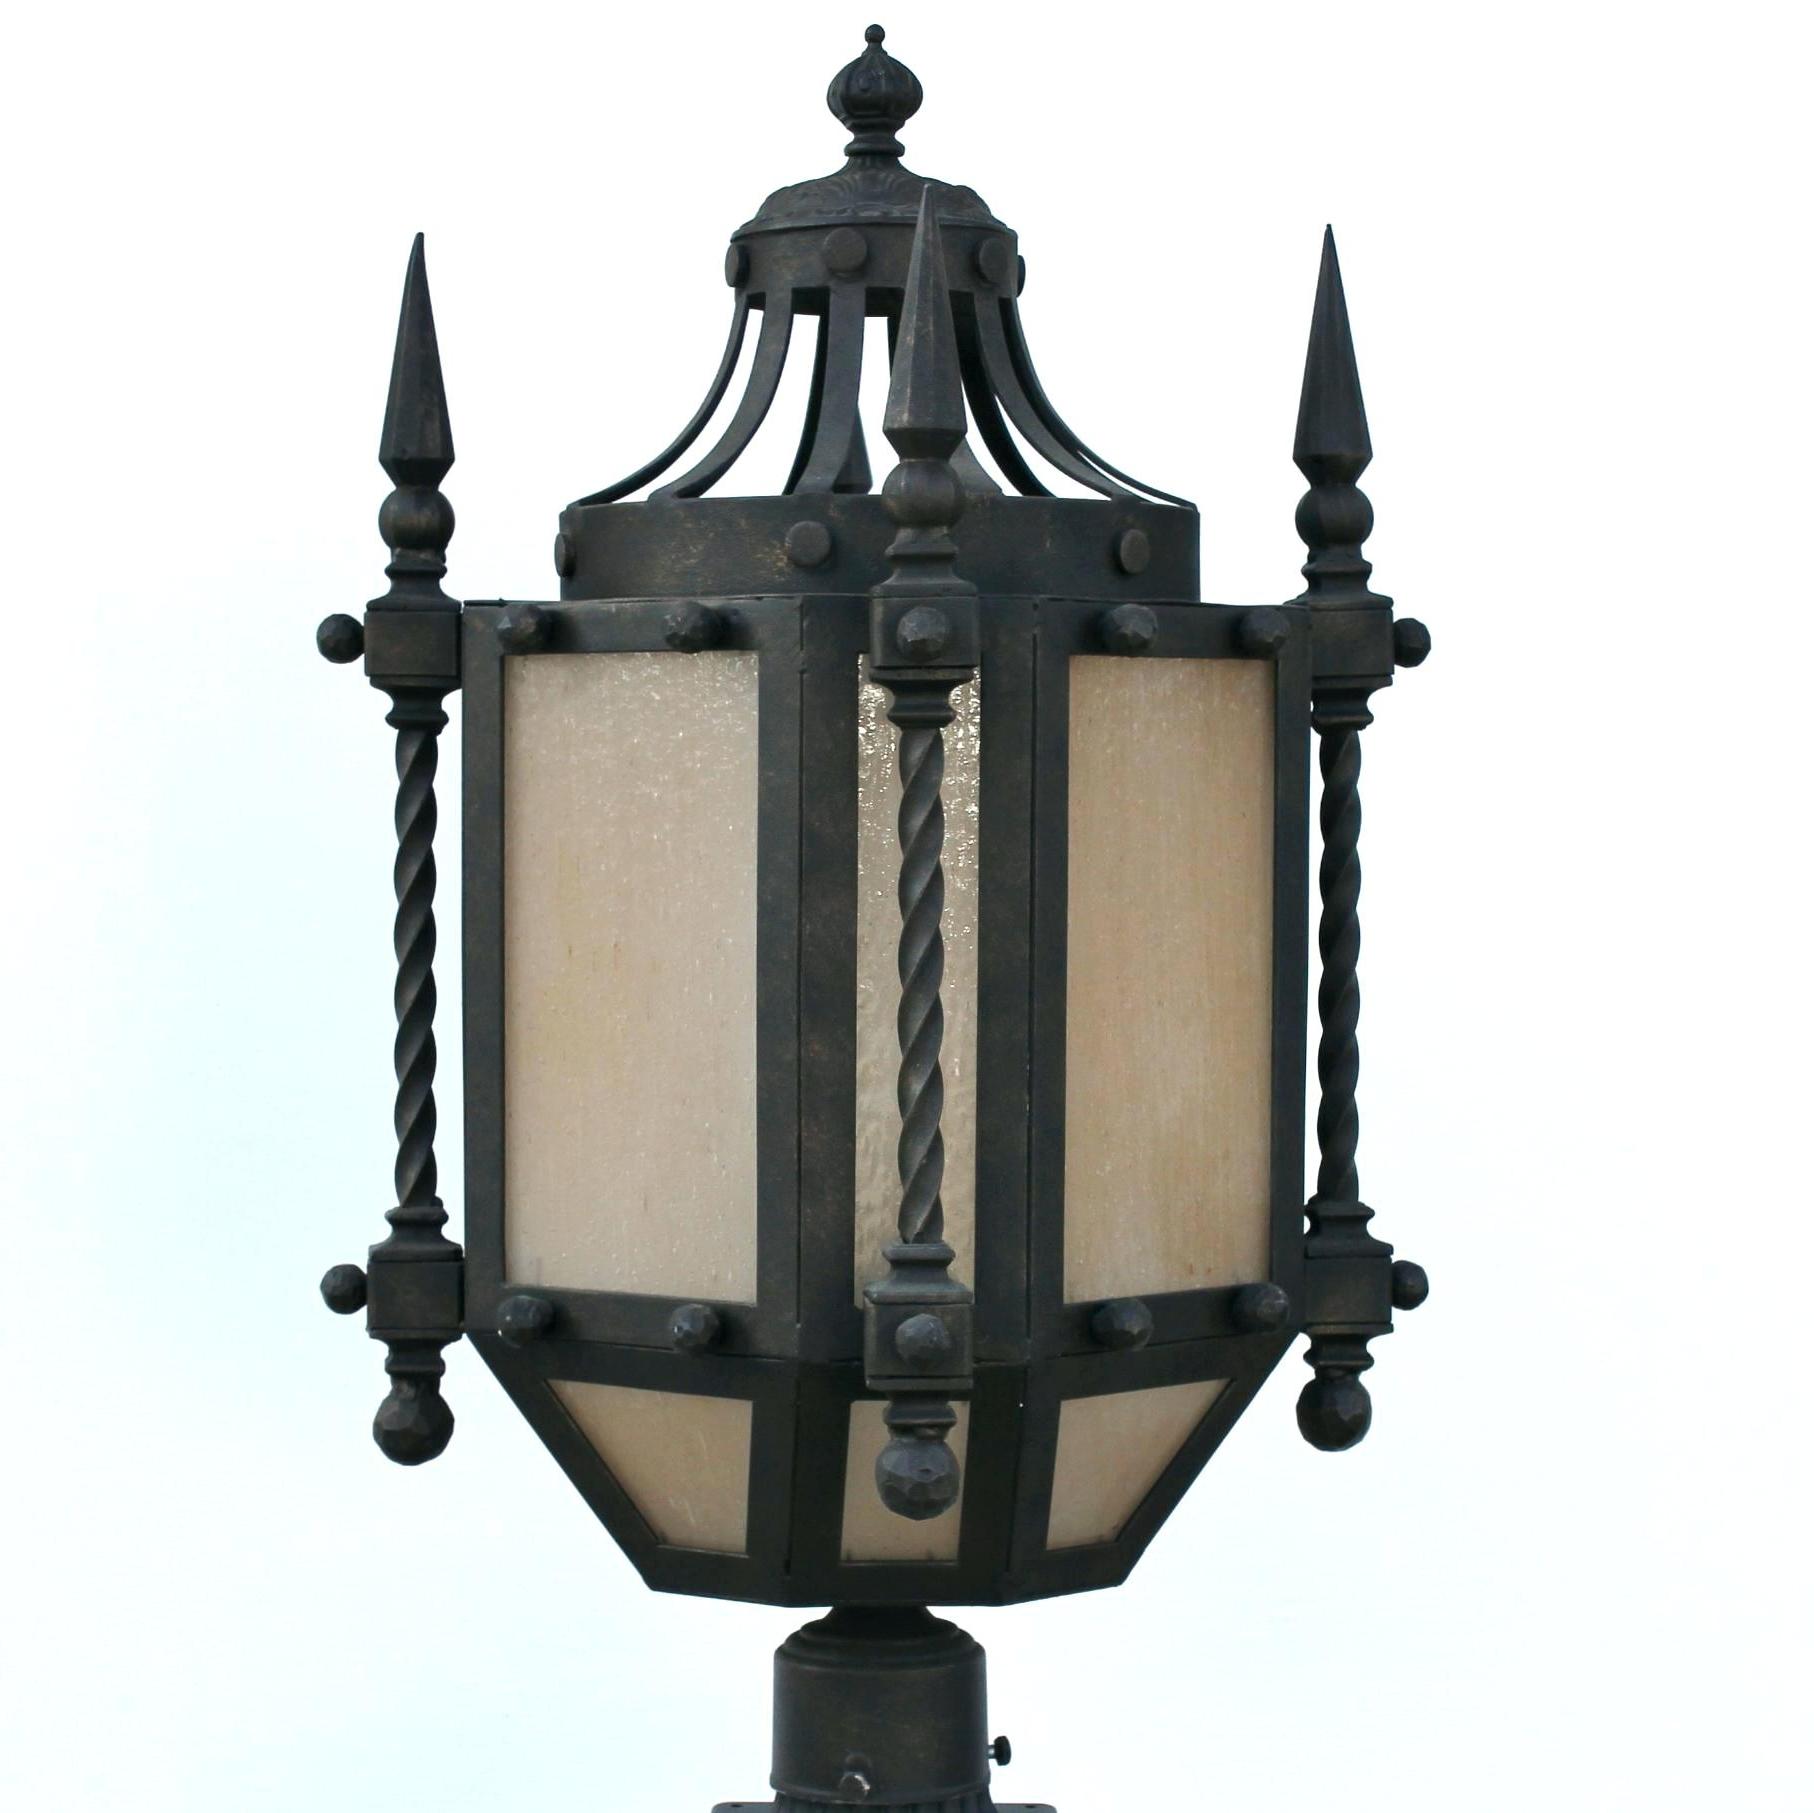 Low Voltage Led Lamp Post Lights • Led Lights Decor Regarding Trendy Low Voltage Led Post Lights (View 9 of 20)